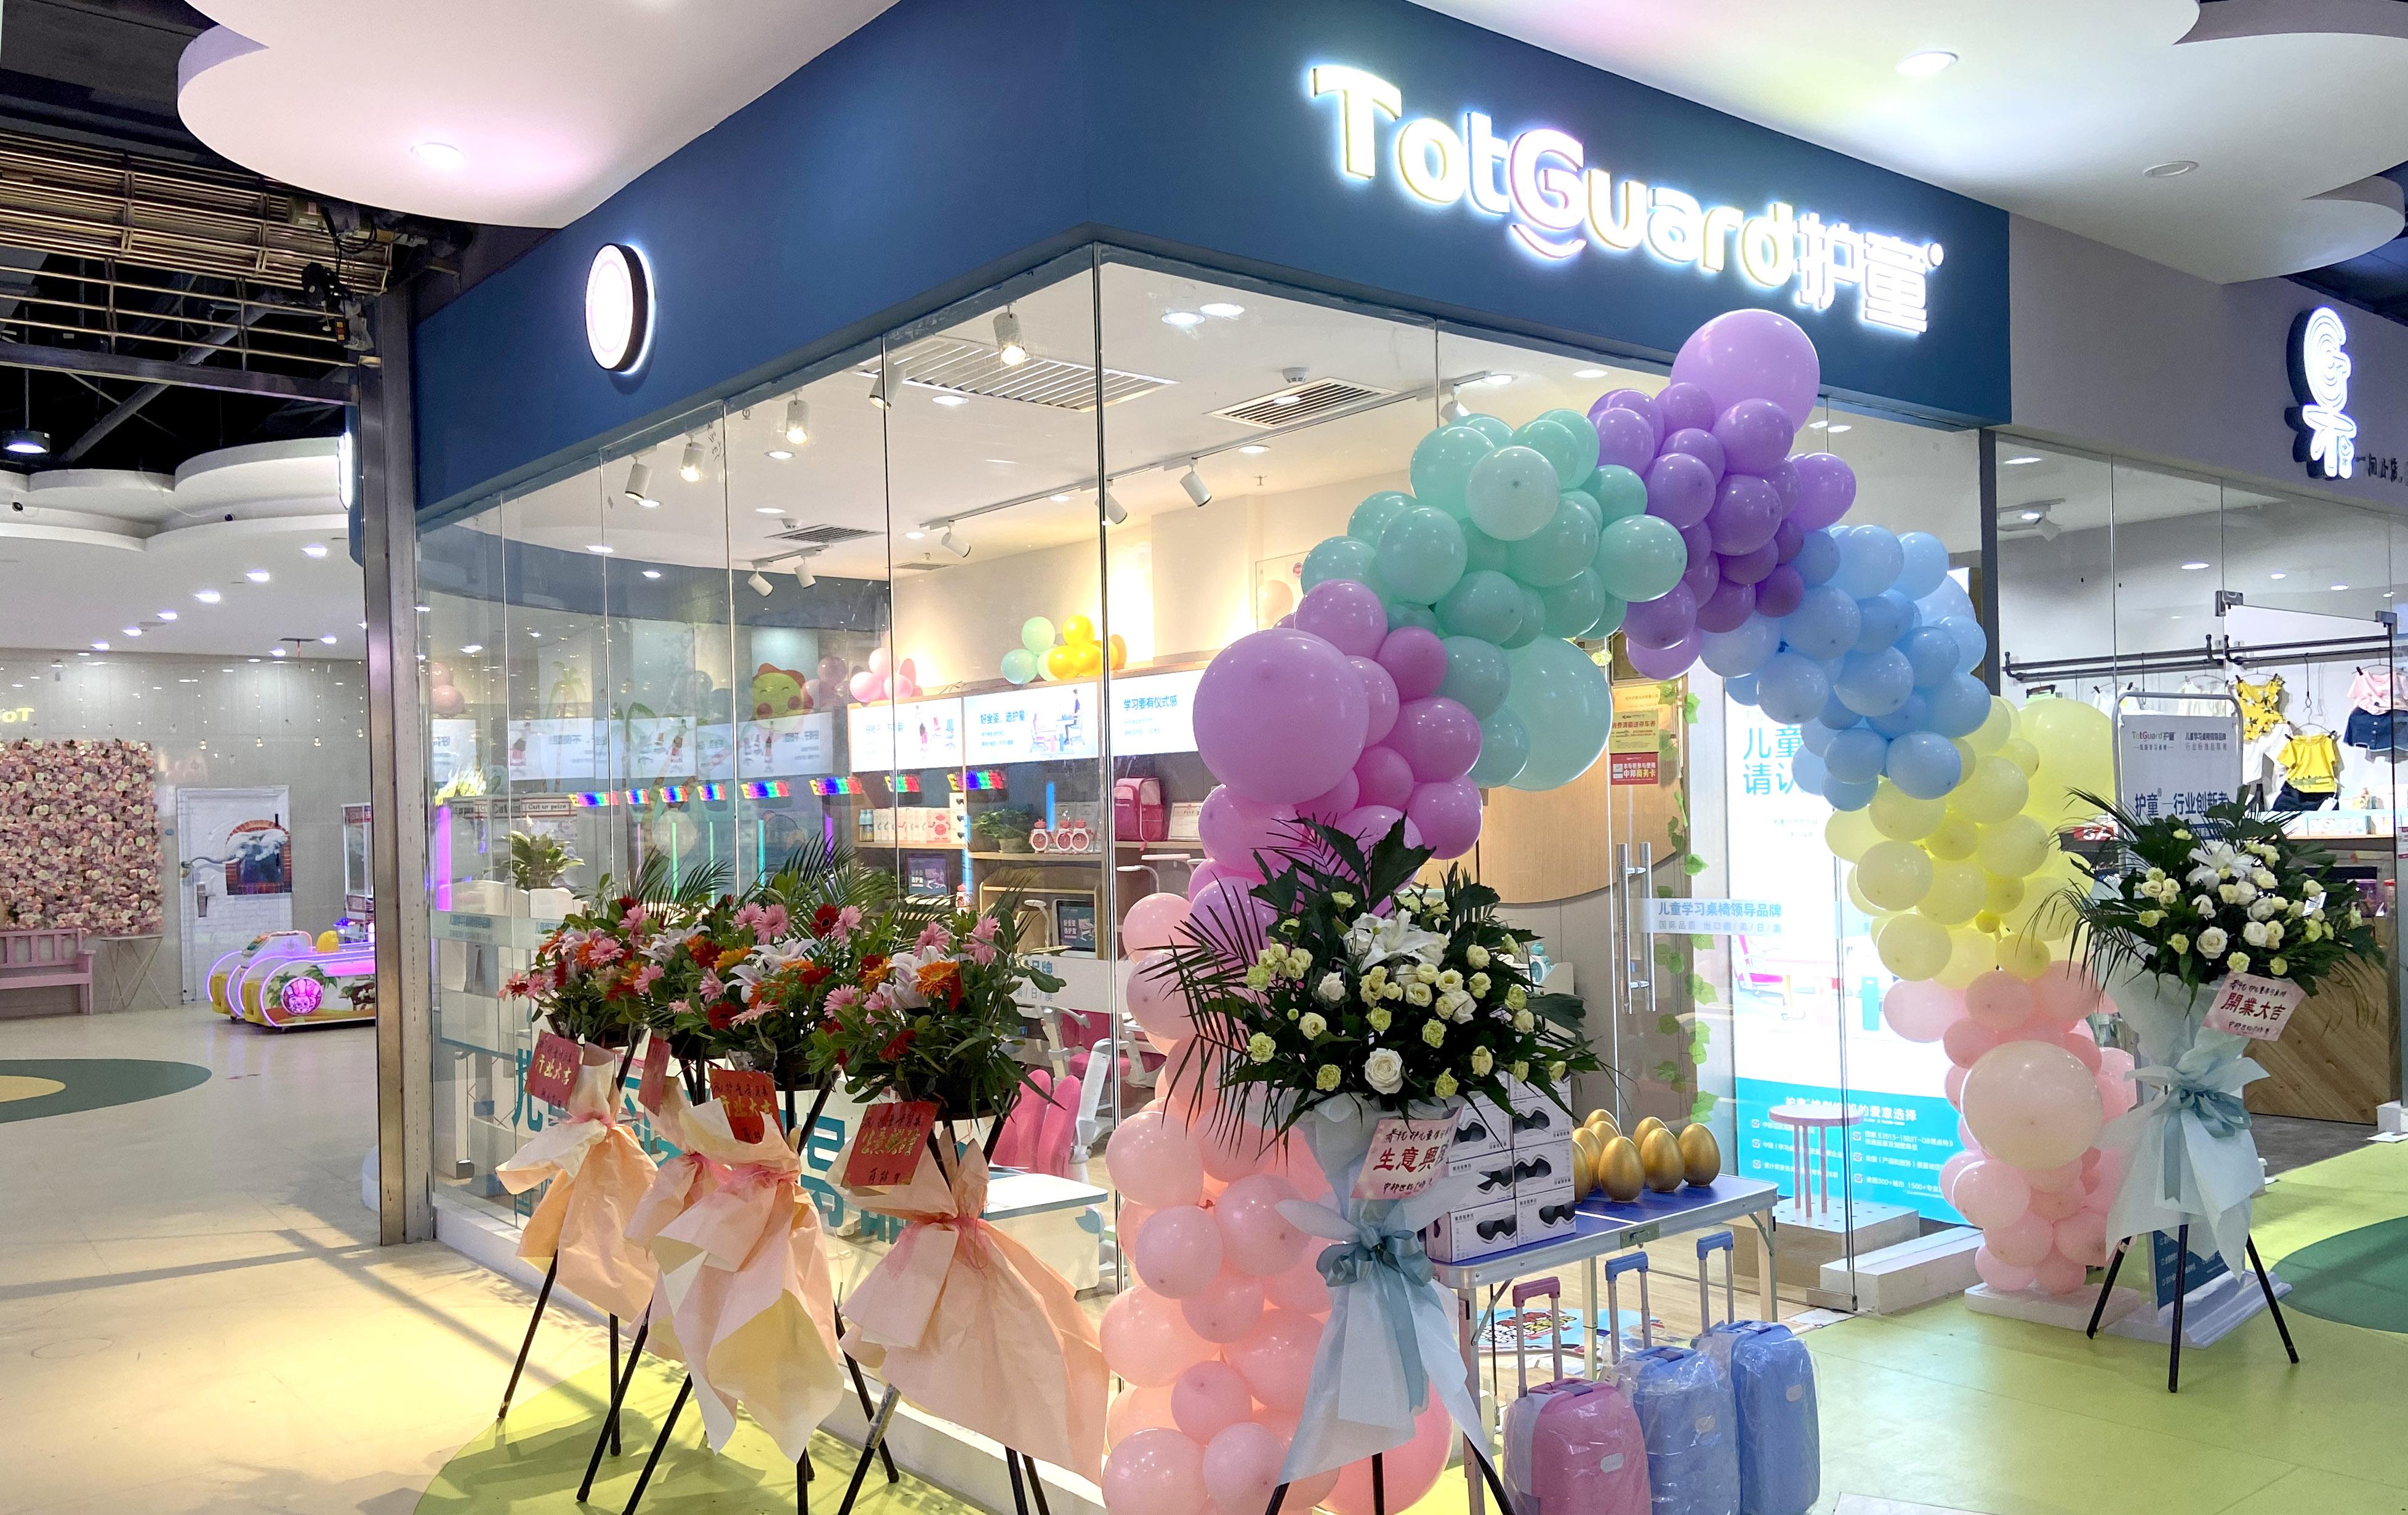 热烈祝贺护童第2023家永州河东湘永路护童专柜盛大开业!